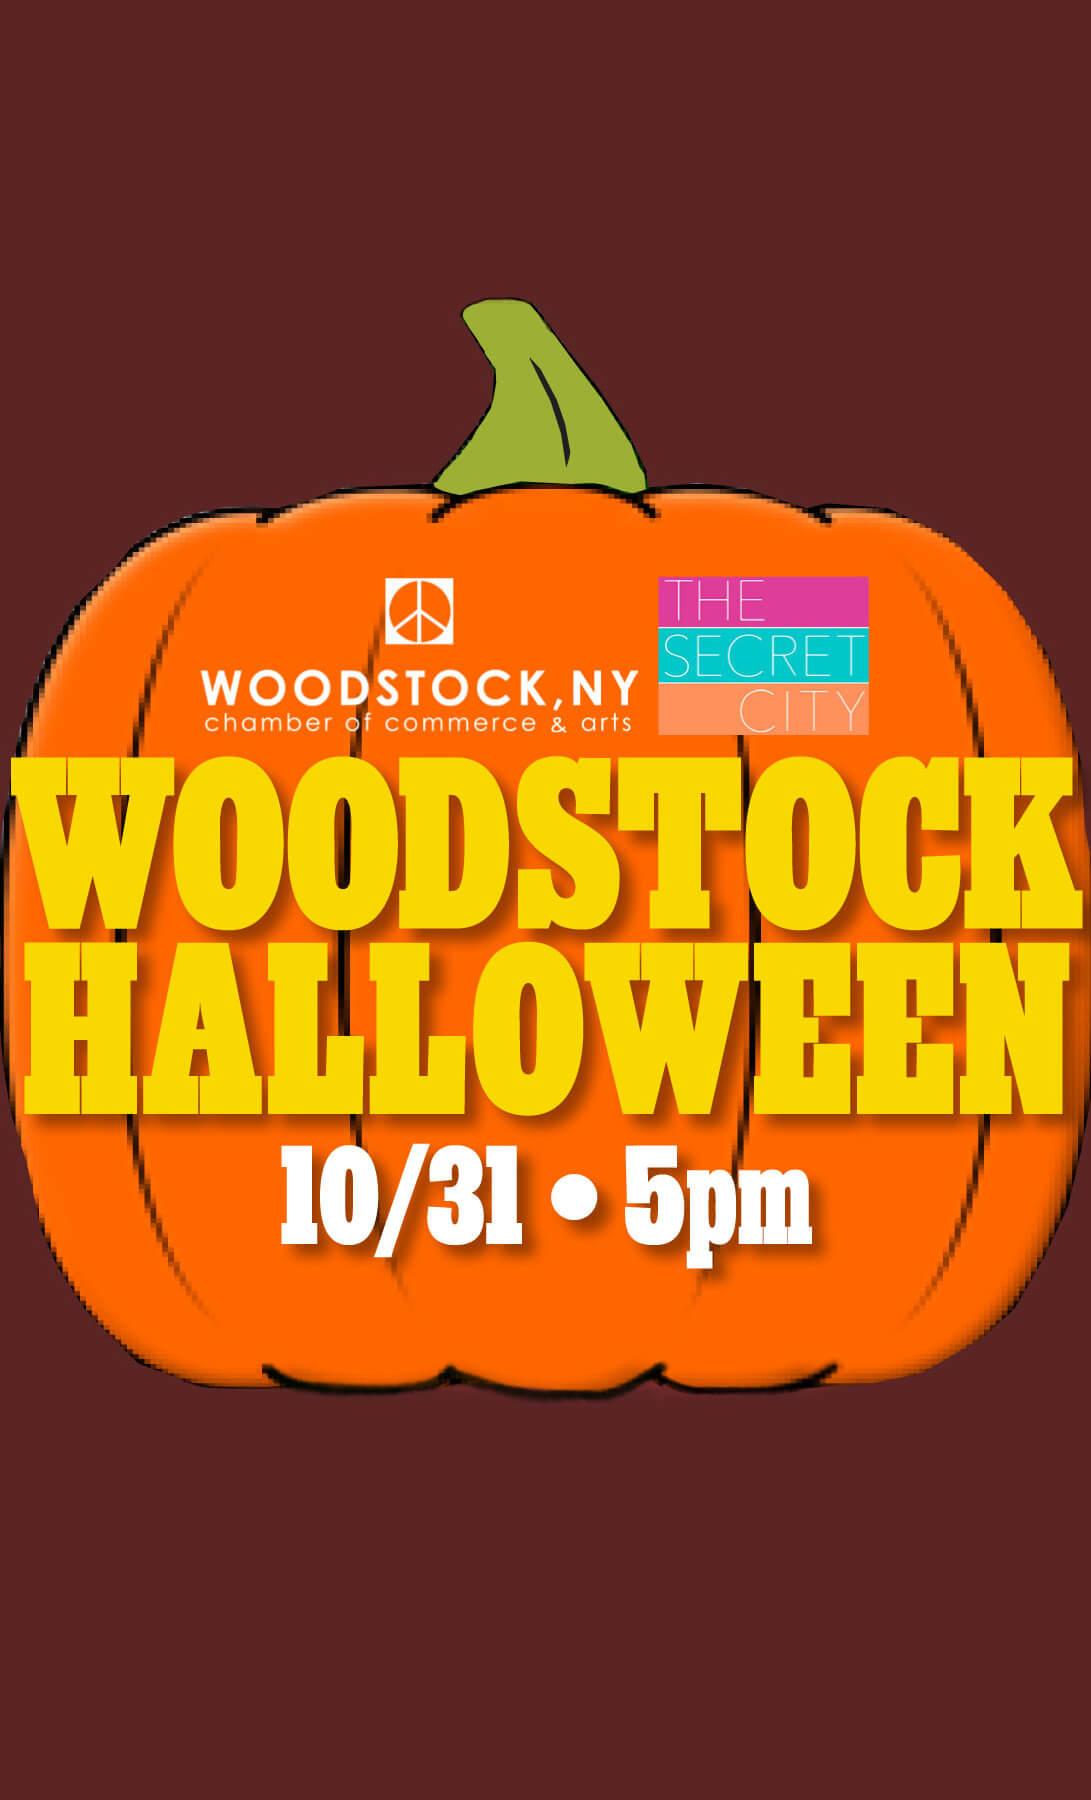 Woodstock Halloween